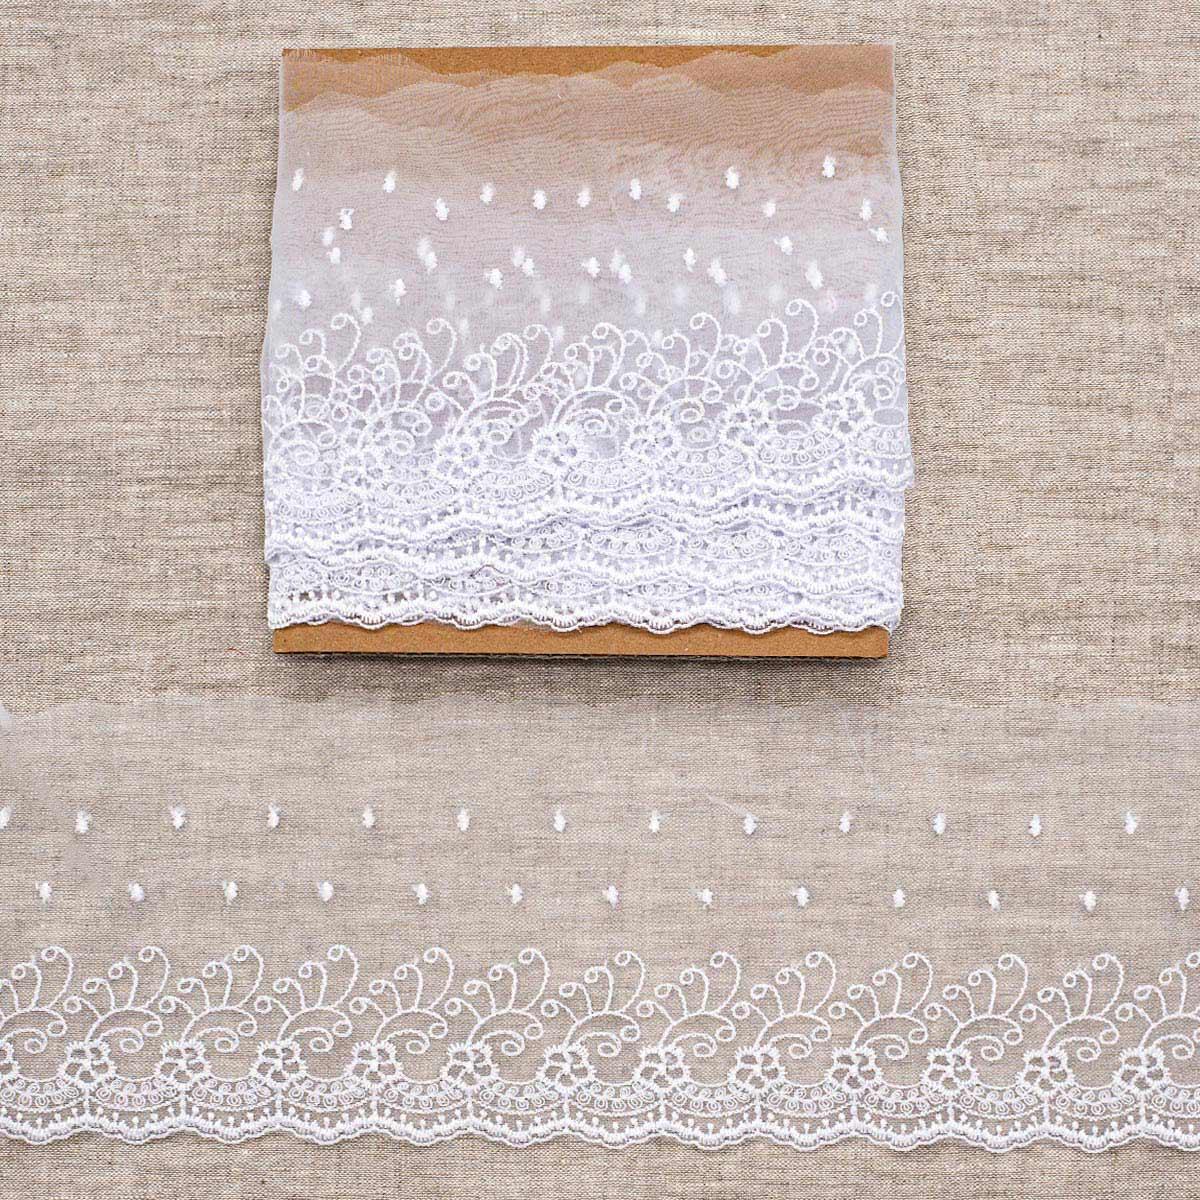 Кружево капрон 12,7см*3,4 м (+/- 4 см) 0574-5002, белый